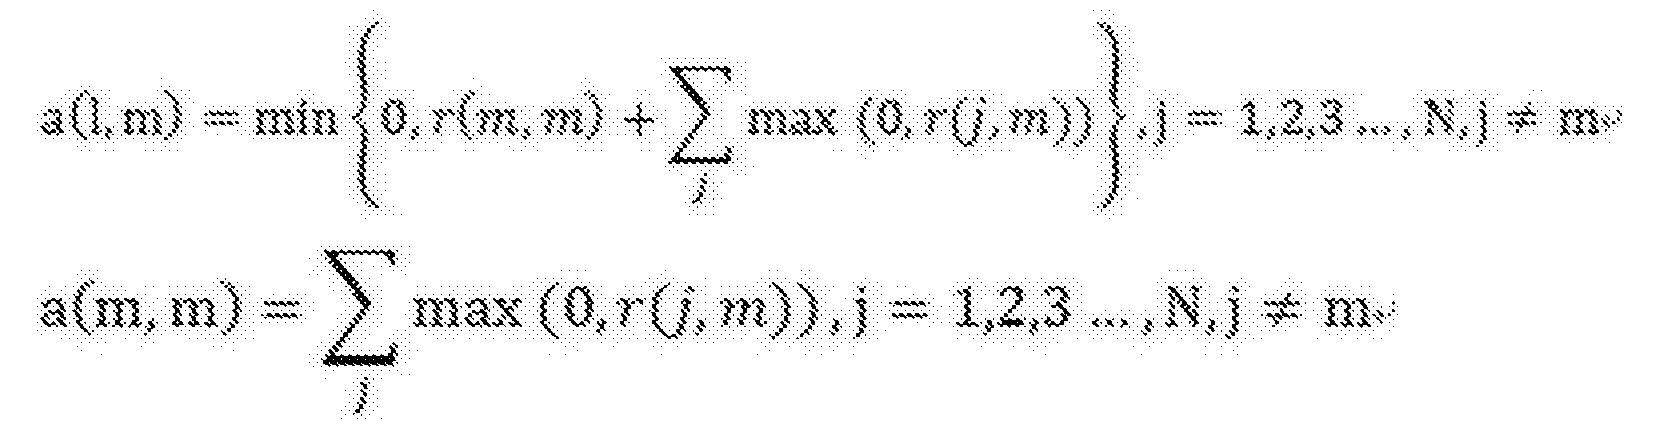 Figure CN105241524BC00032